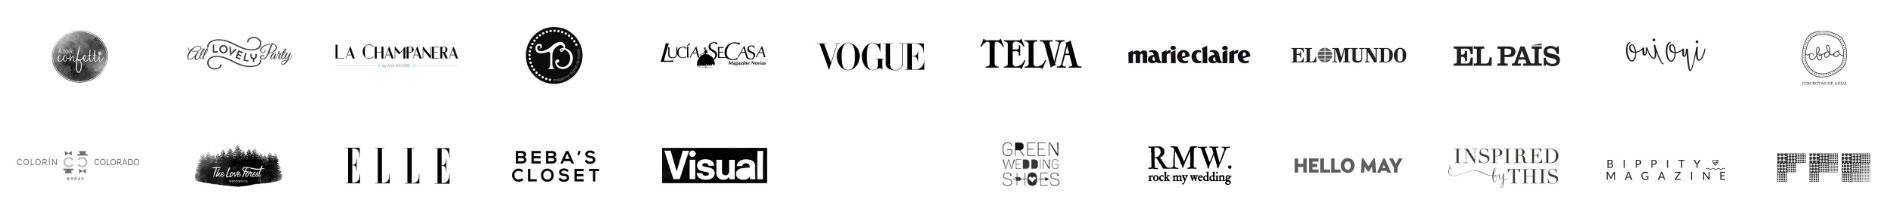 Recomendaciones Invitaciones Boda Online Vogue, Telva, Elle